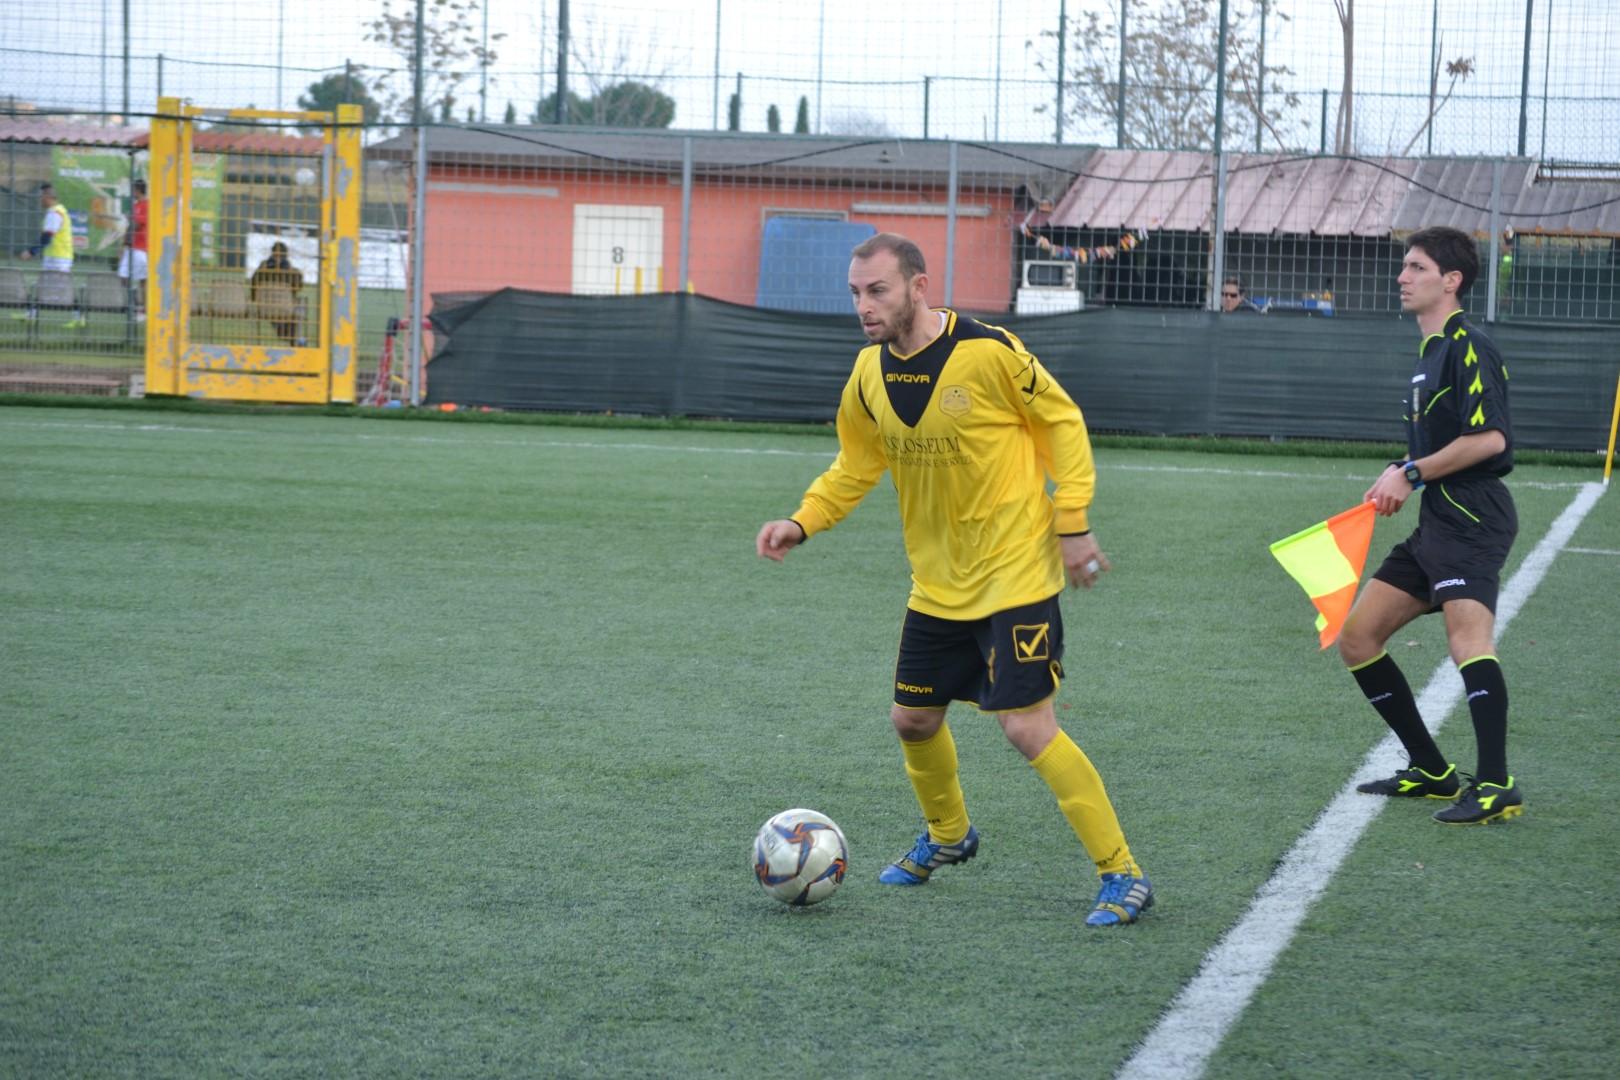 Antonio Brasiello